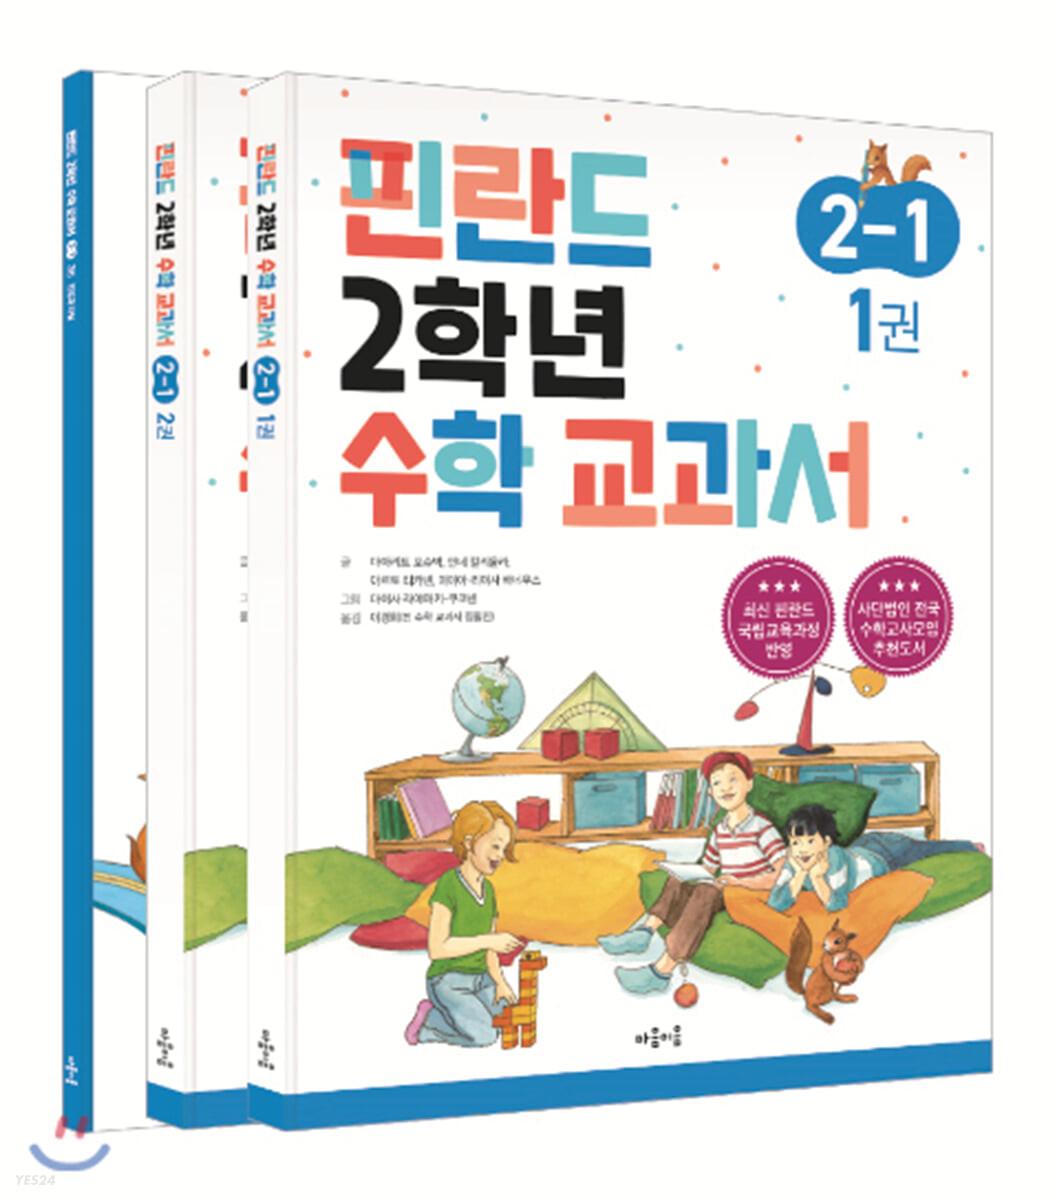 핀란드 2학년 수학 교과서 2-1 세트